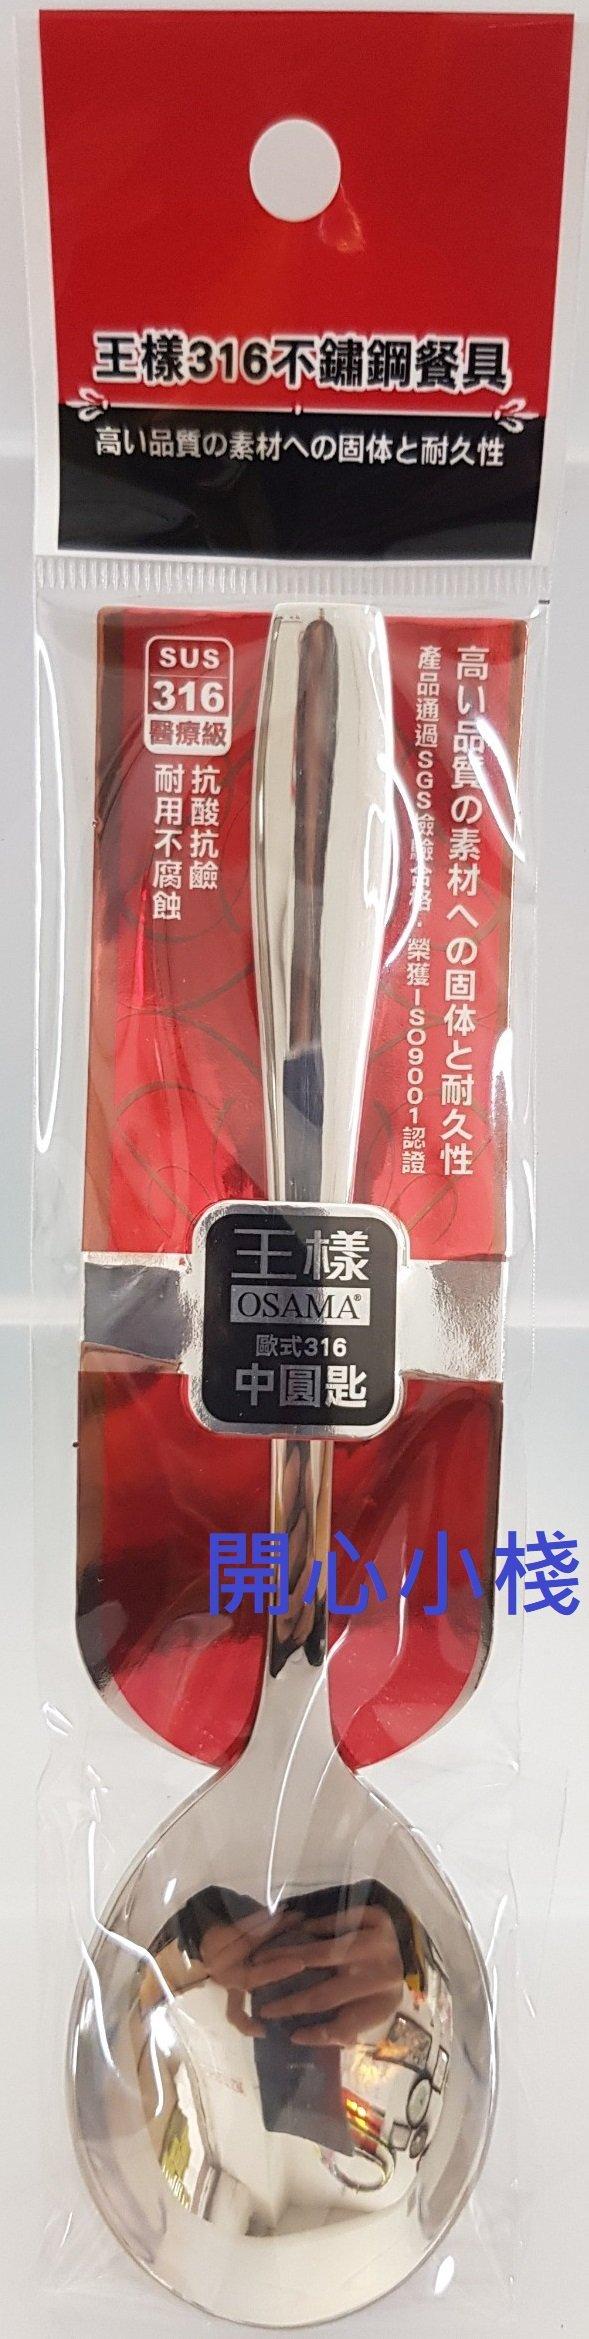 開心小棧~ OSAMA 王樣歐式316不鏽鋼中圓匙  歐式 王樣 中圓匙 大圓匙 316不鏽鋼